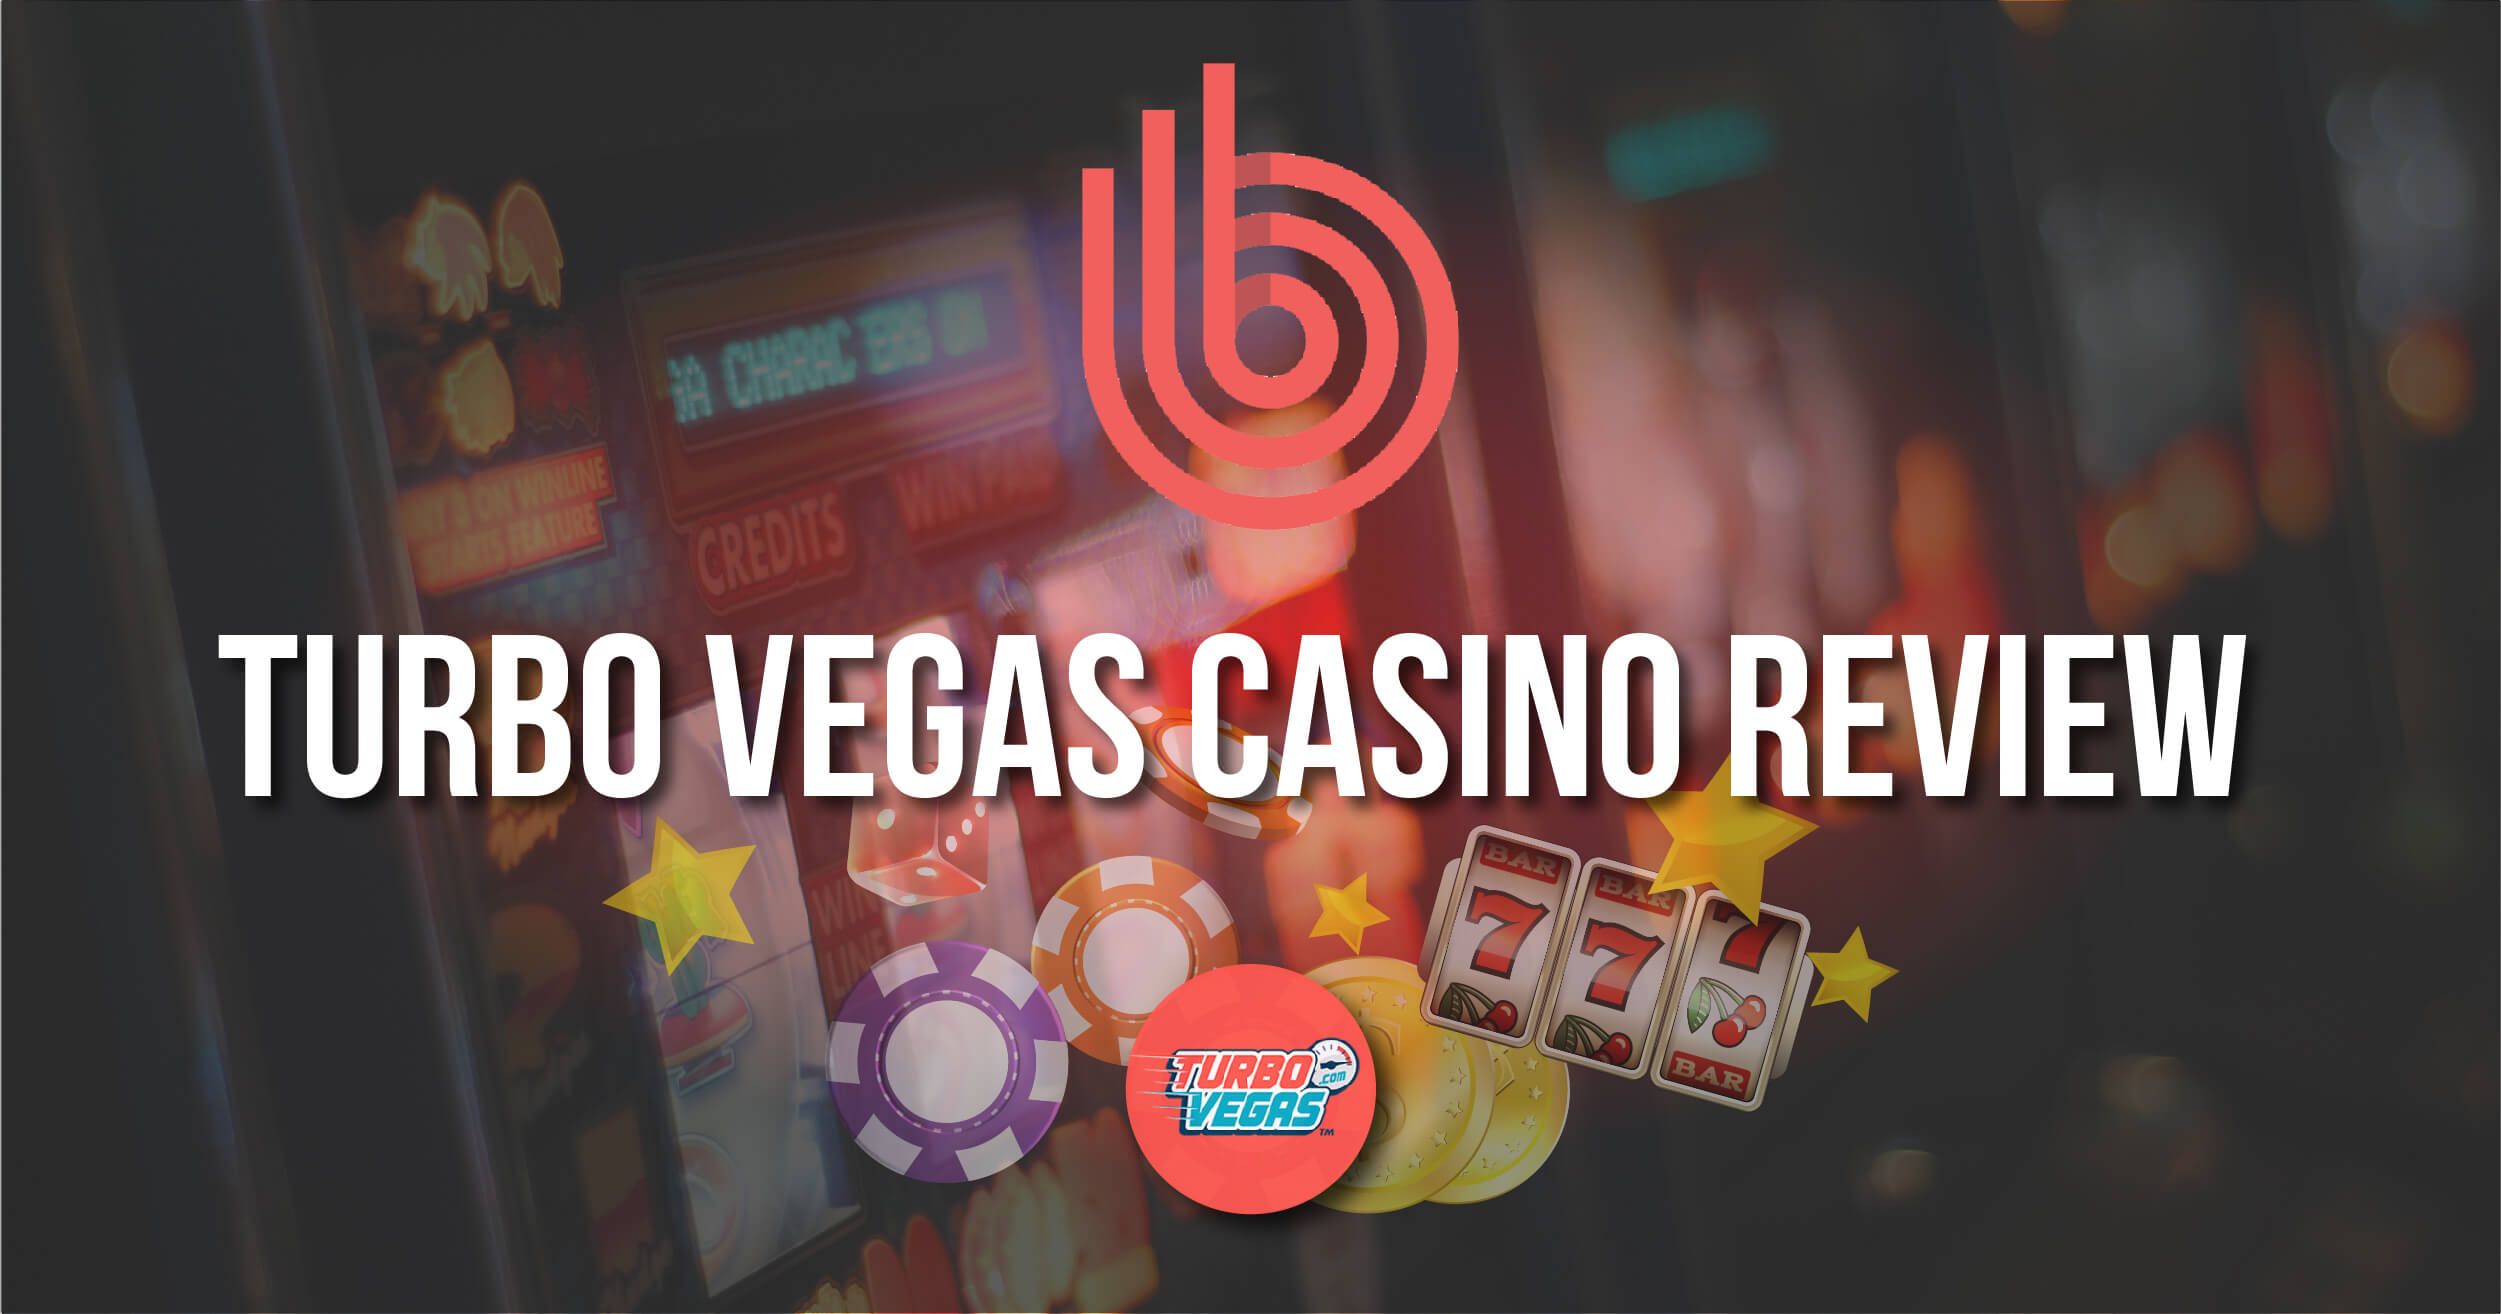 Turbo Vegas Casino Review